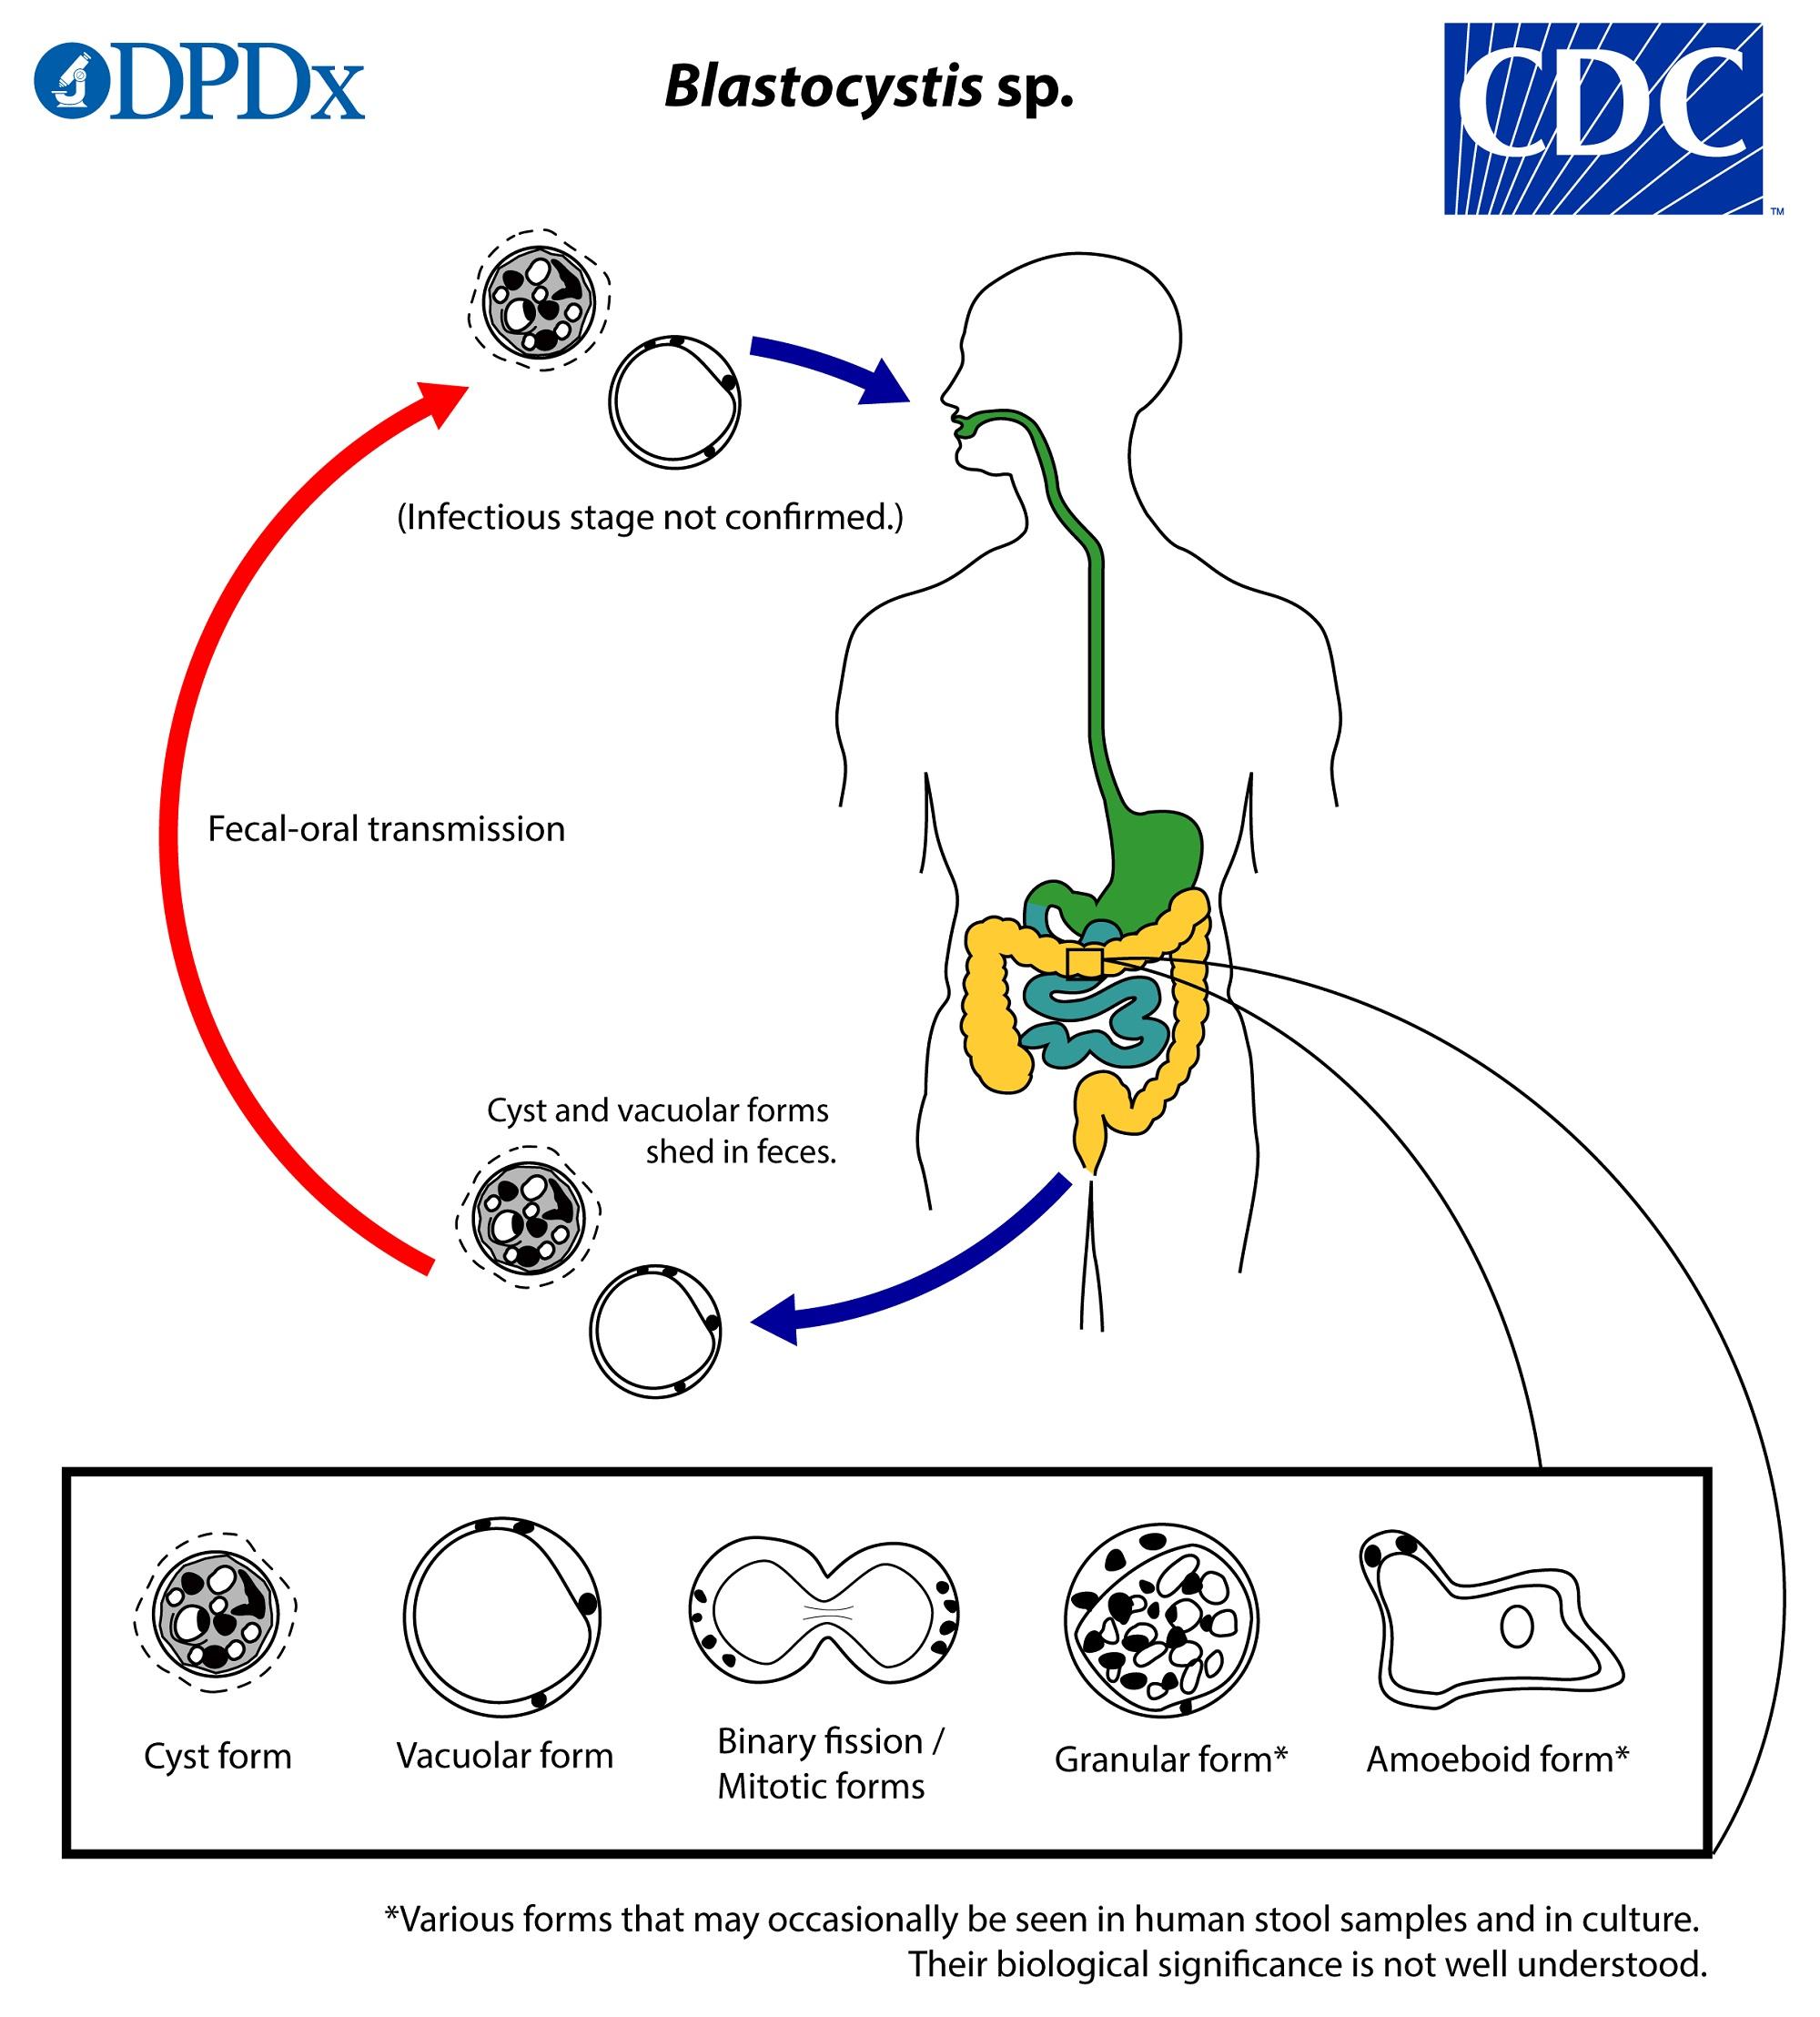 paraziti cdc dpdx papilom în gură medicamente de tratament